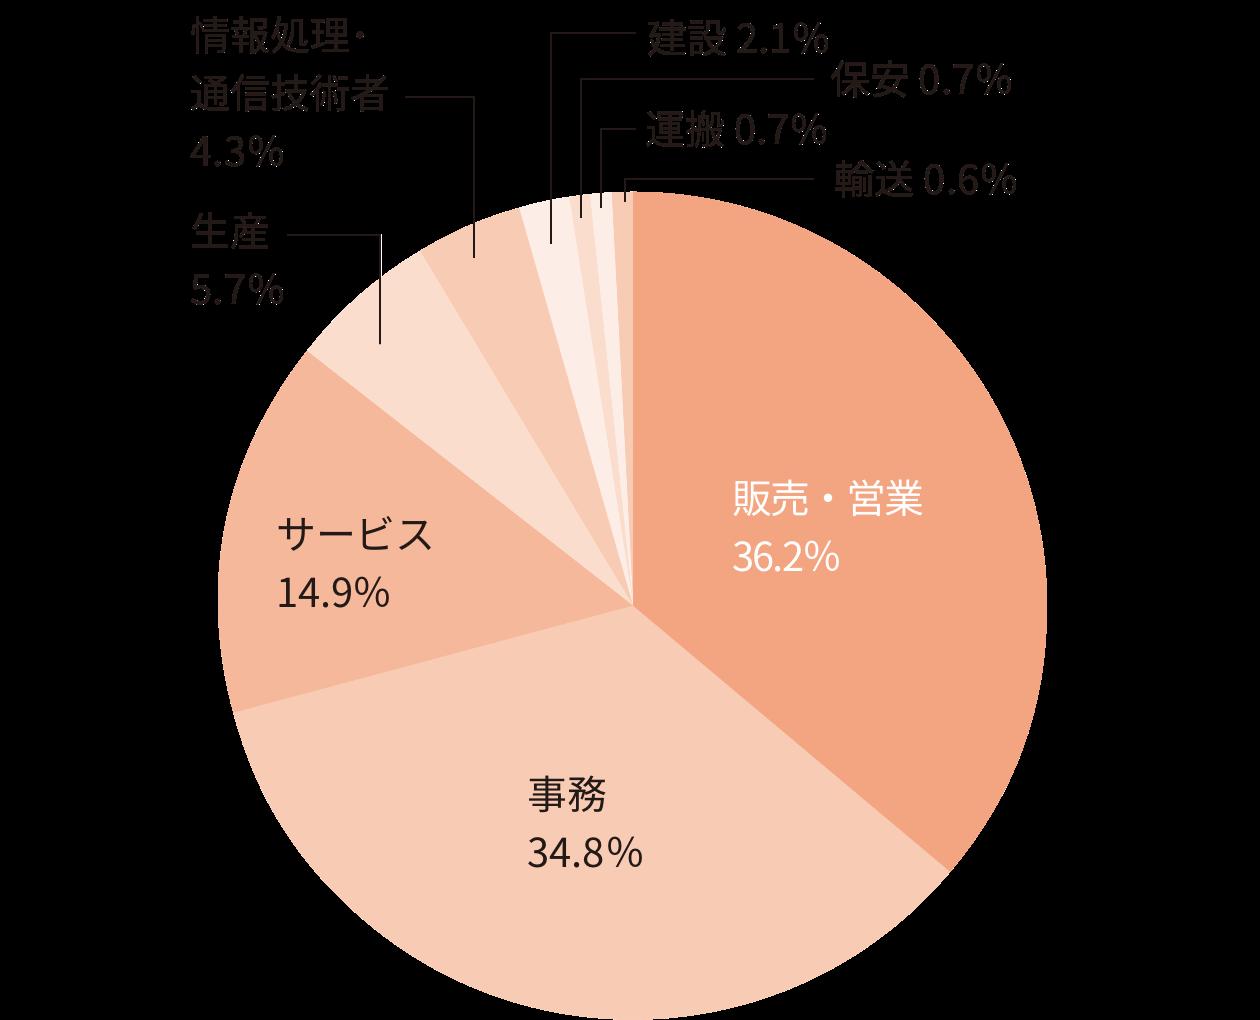 就職内定者の職種別構成比率